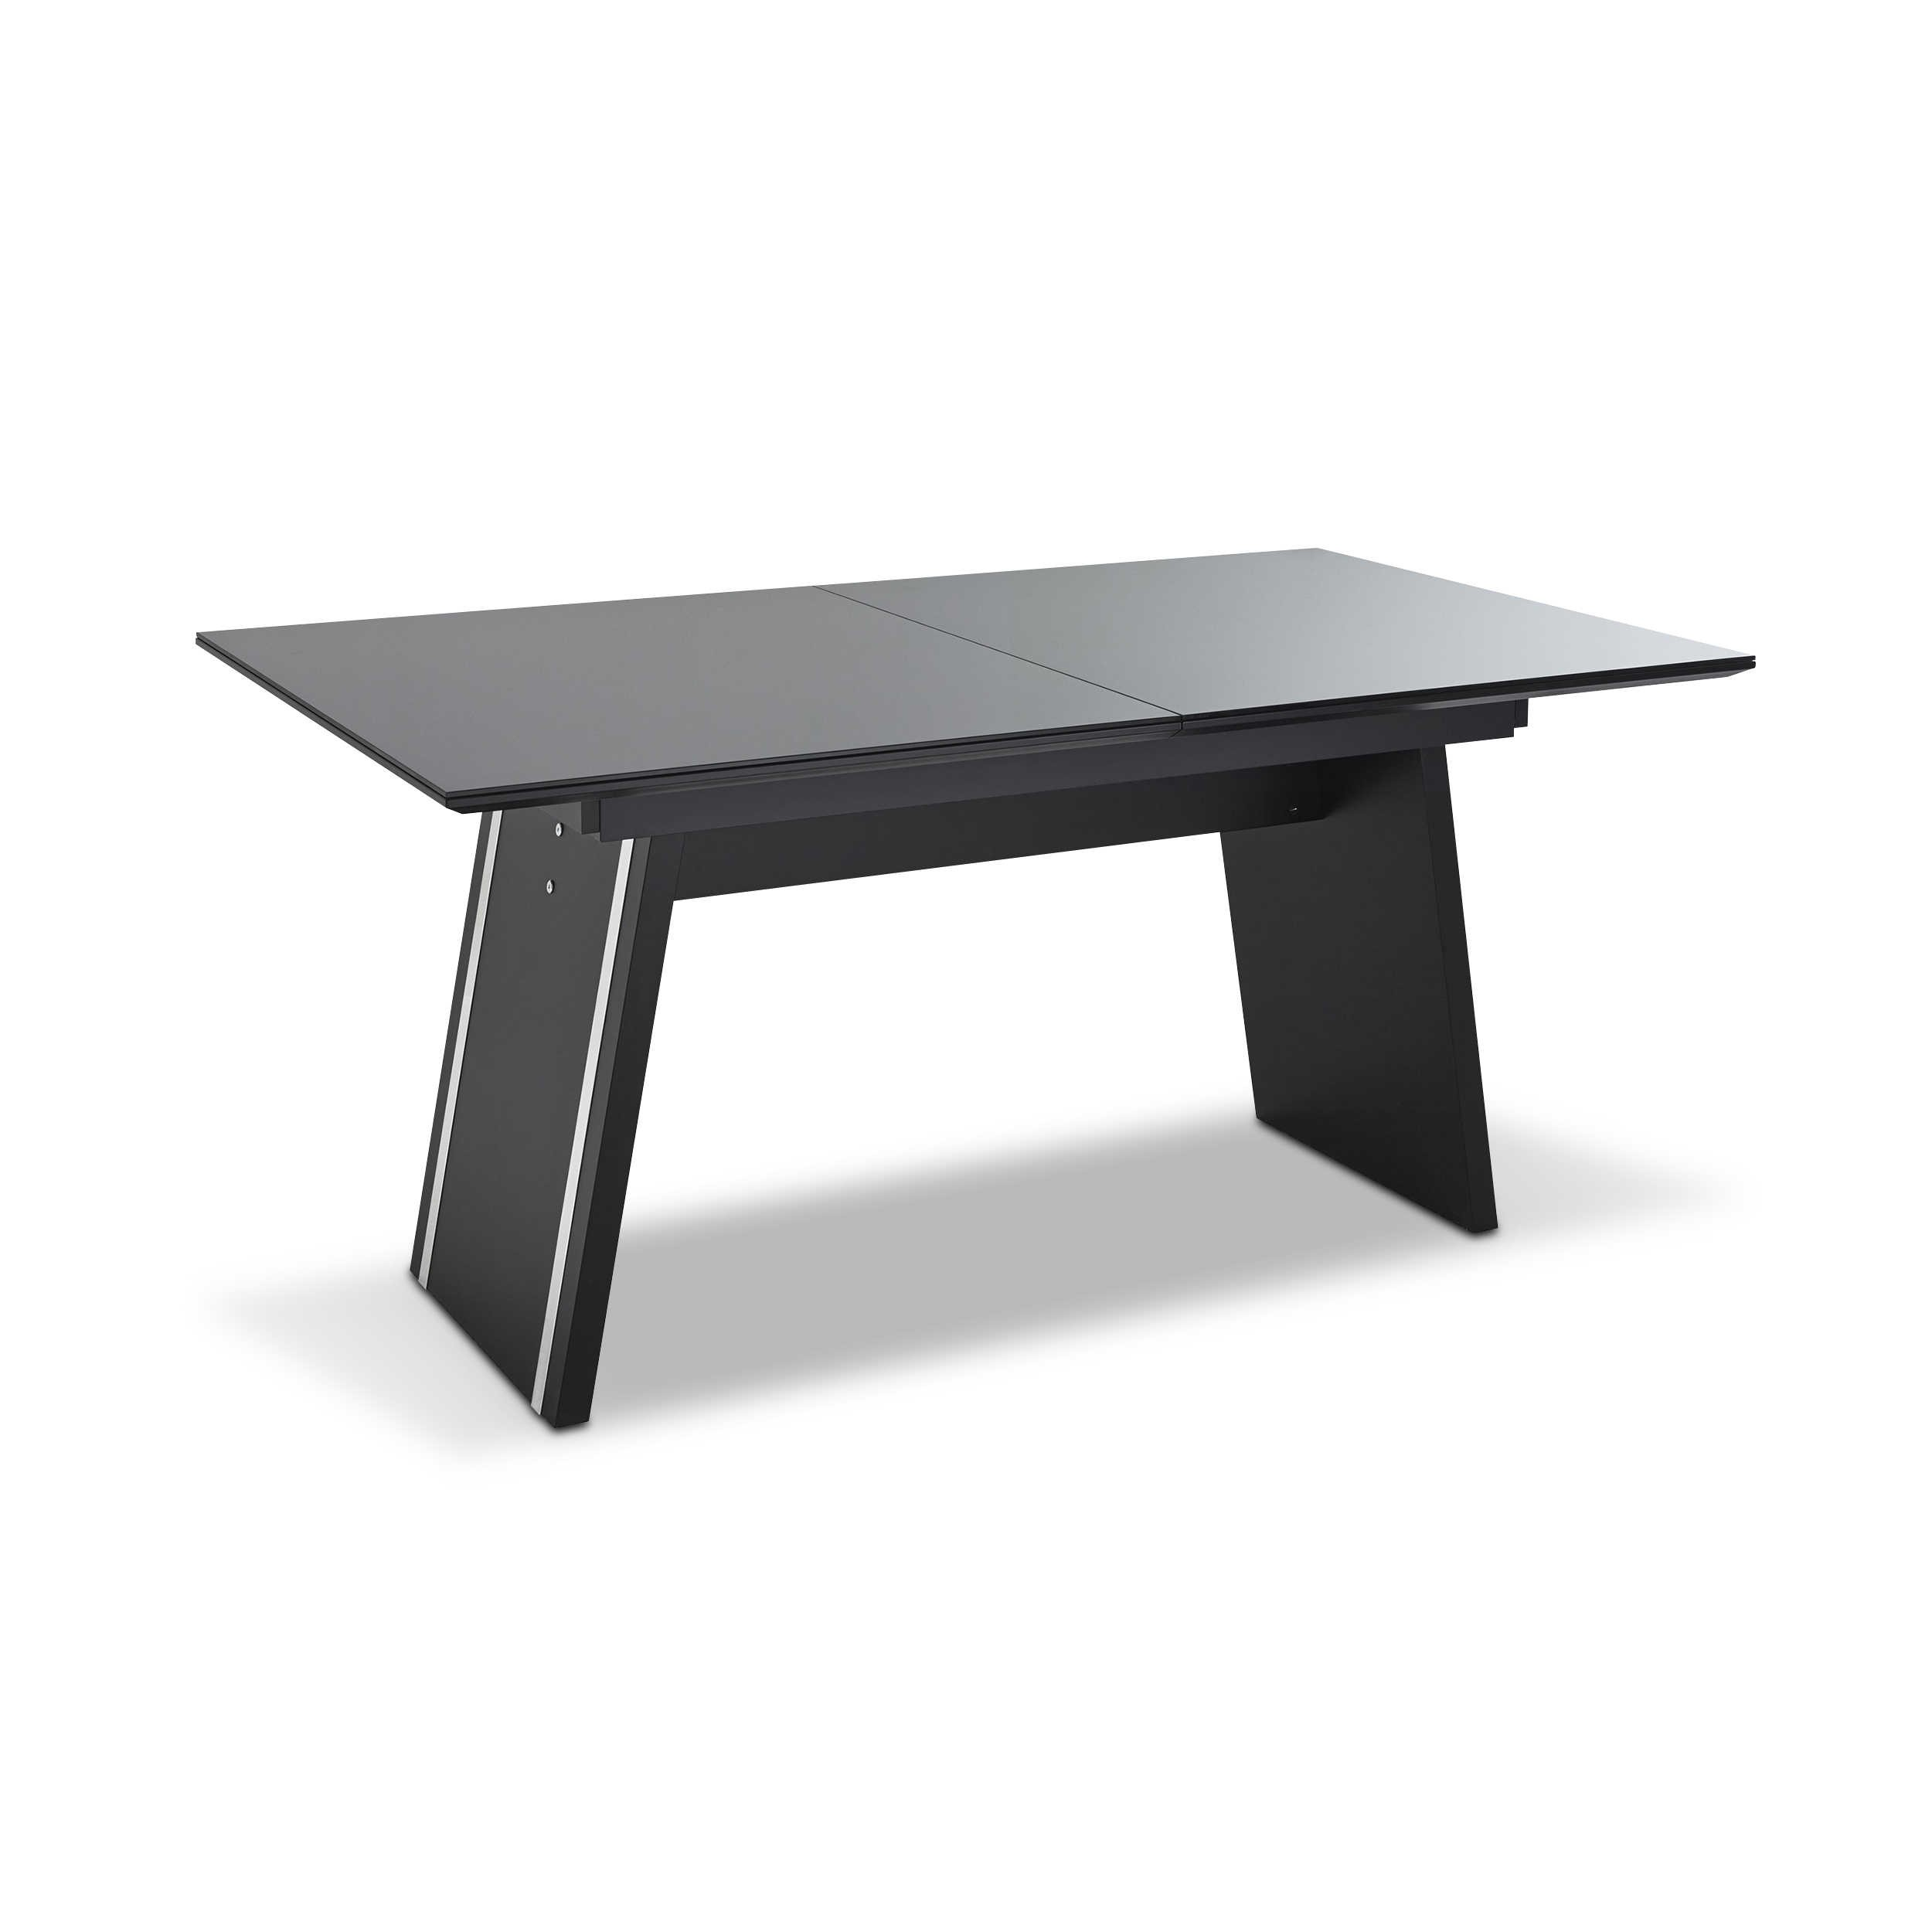 leonardo living esstisch mit auszug cube 160 240 x 90 cm schwarz glas online kaufen bei woonio. Black Bedroom Furniture Sets. Home Design Ideas